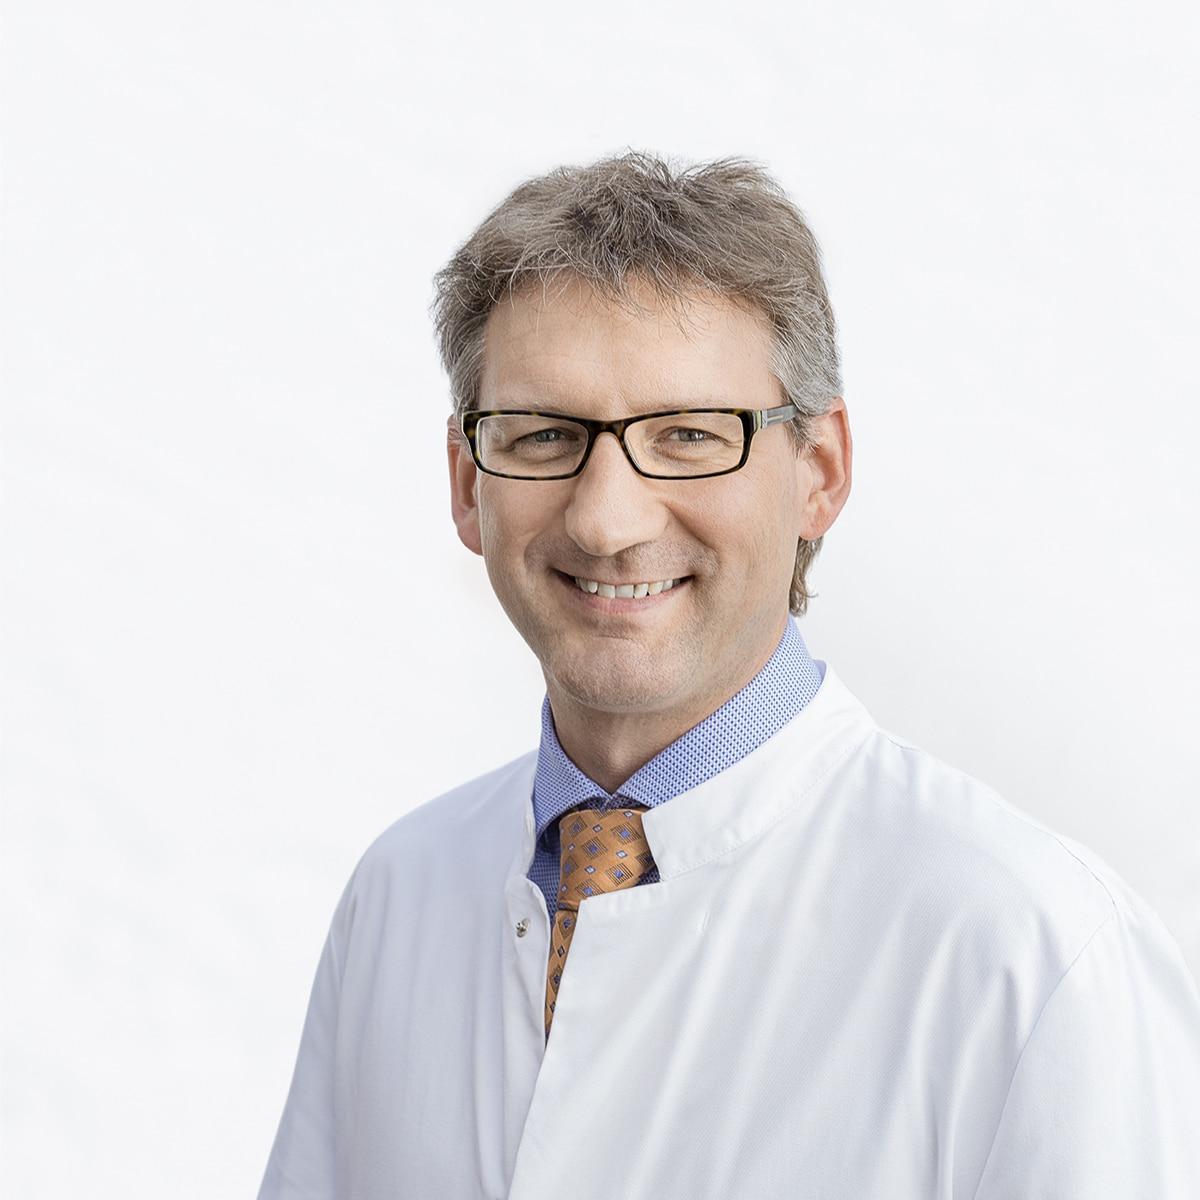 Facharzt Urologie: Dr. med. Edwin Hungerhuber